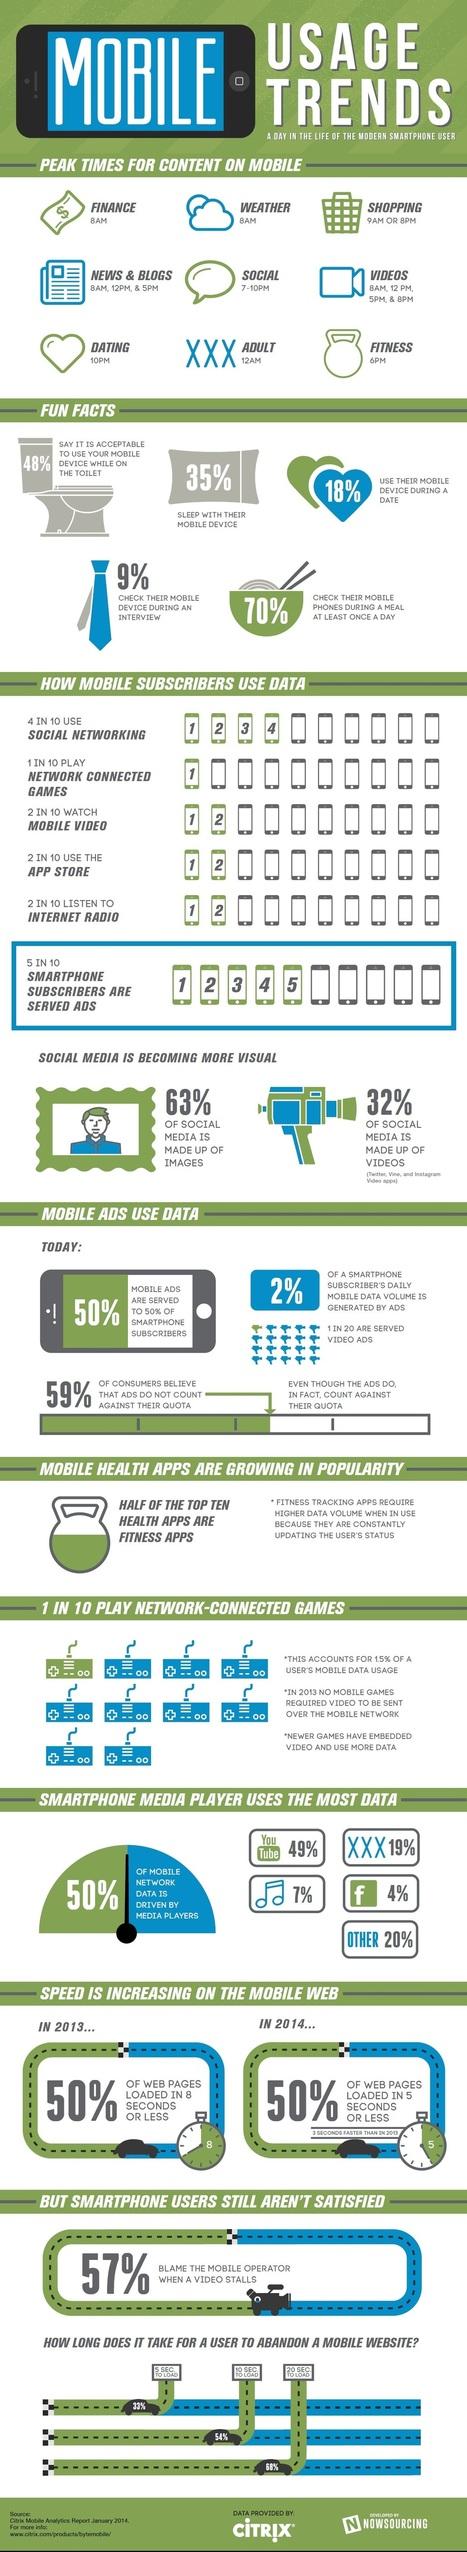 Mobile Marketing : Optimisations Images et Vidéos en 2014 | L'E-Réputation | Scoop.it